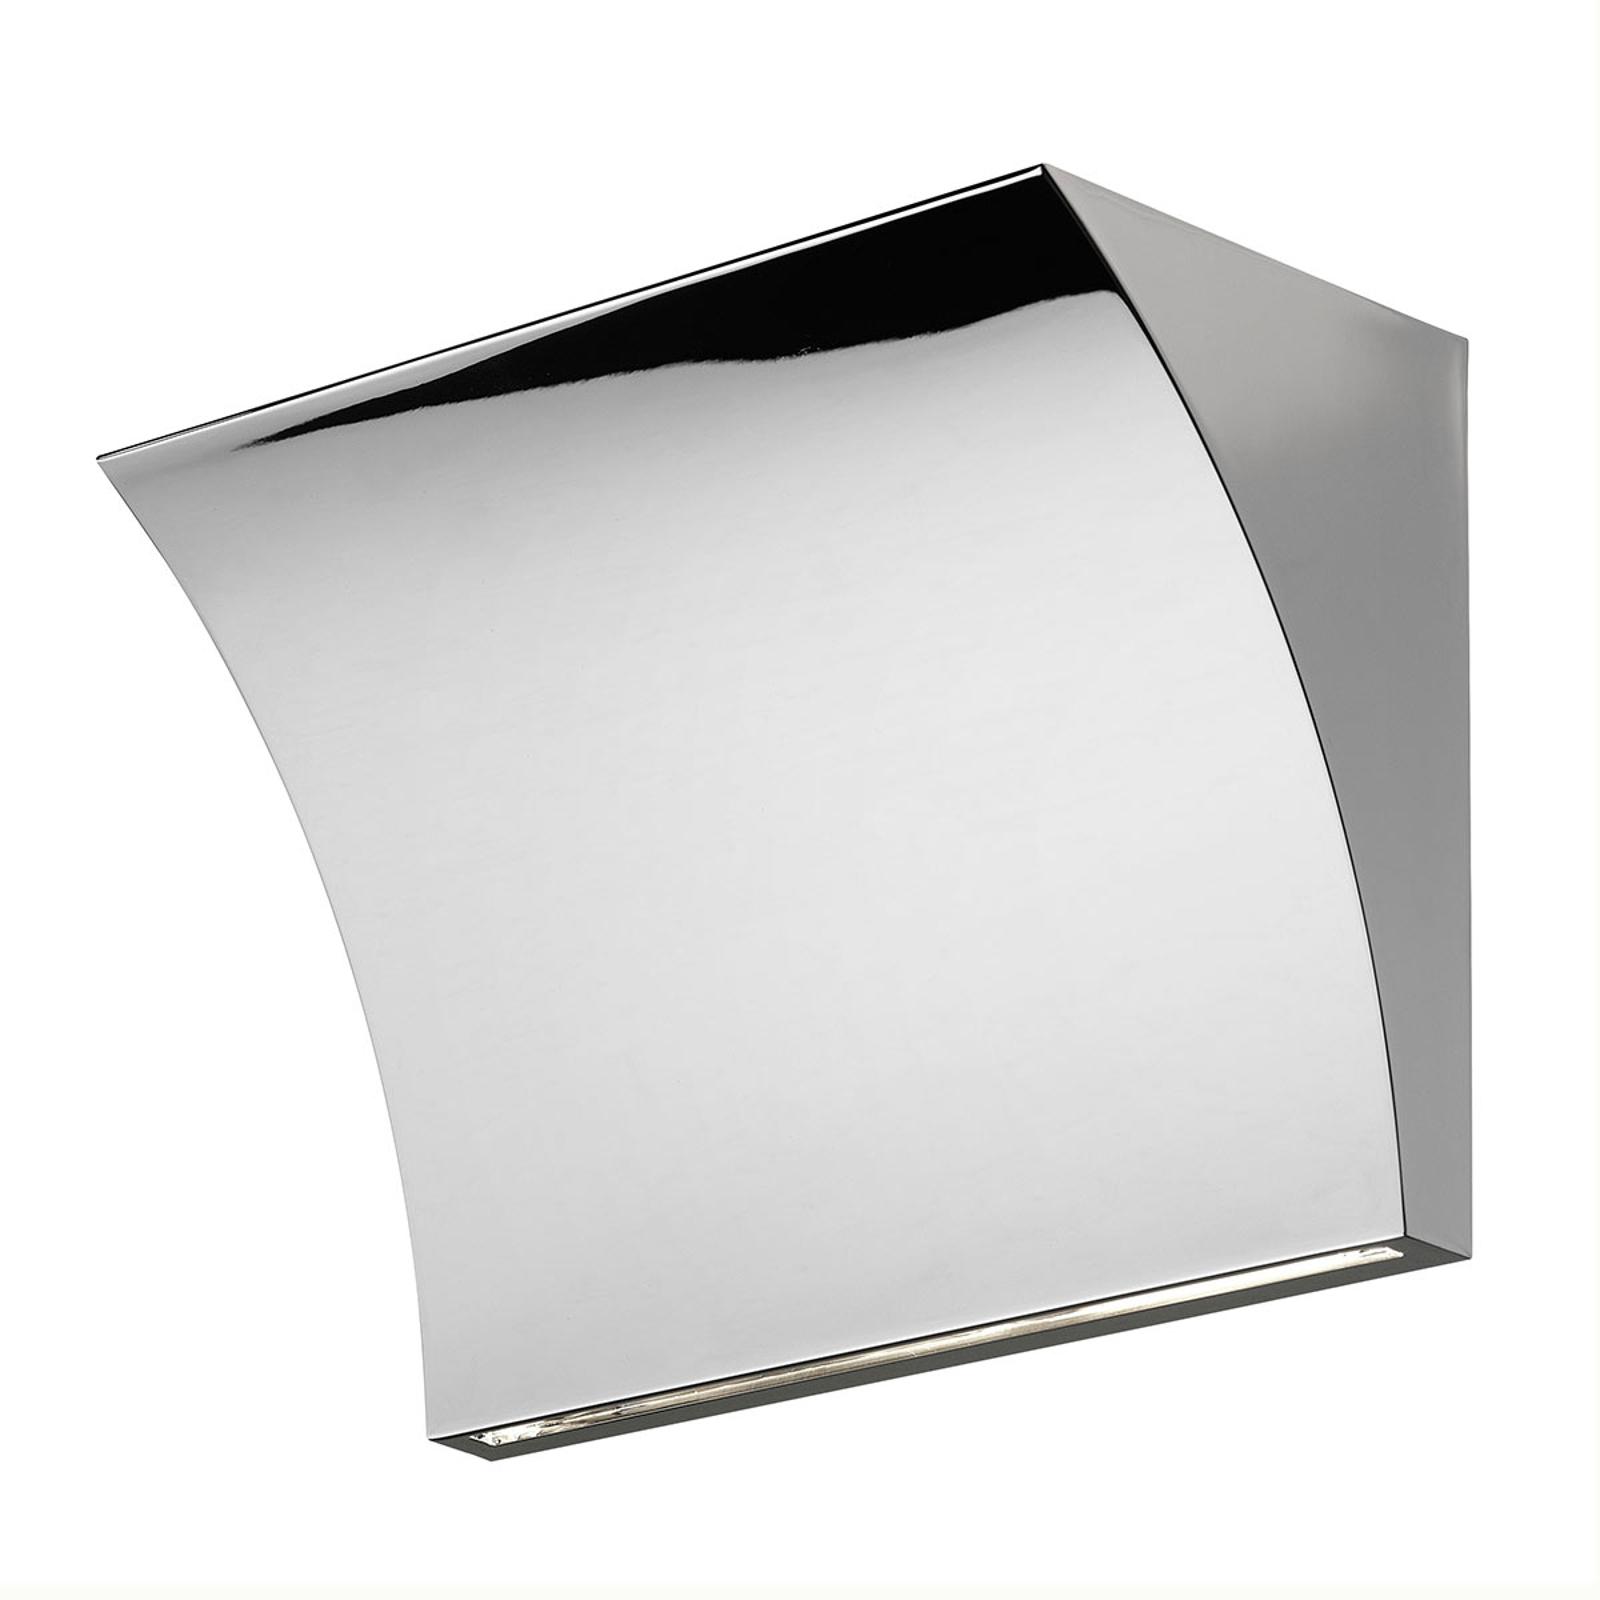 FLOS Pochette kinkiet LED chrom